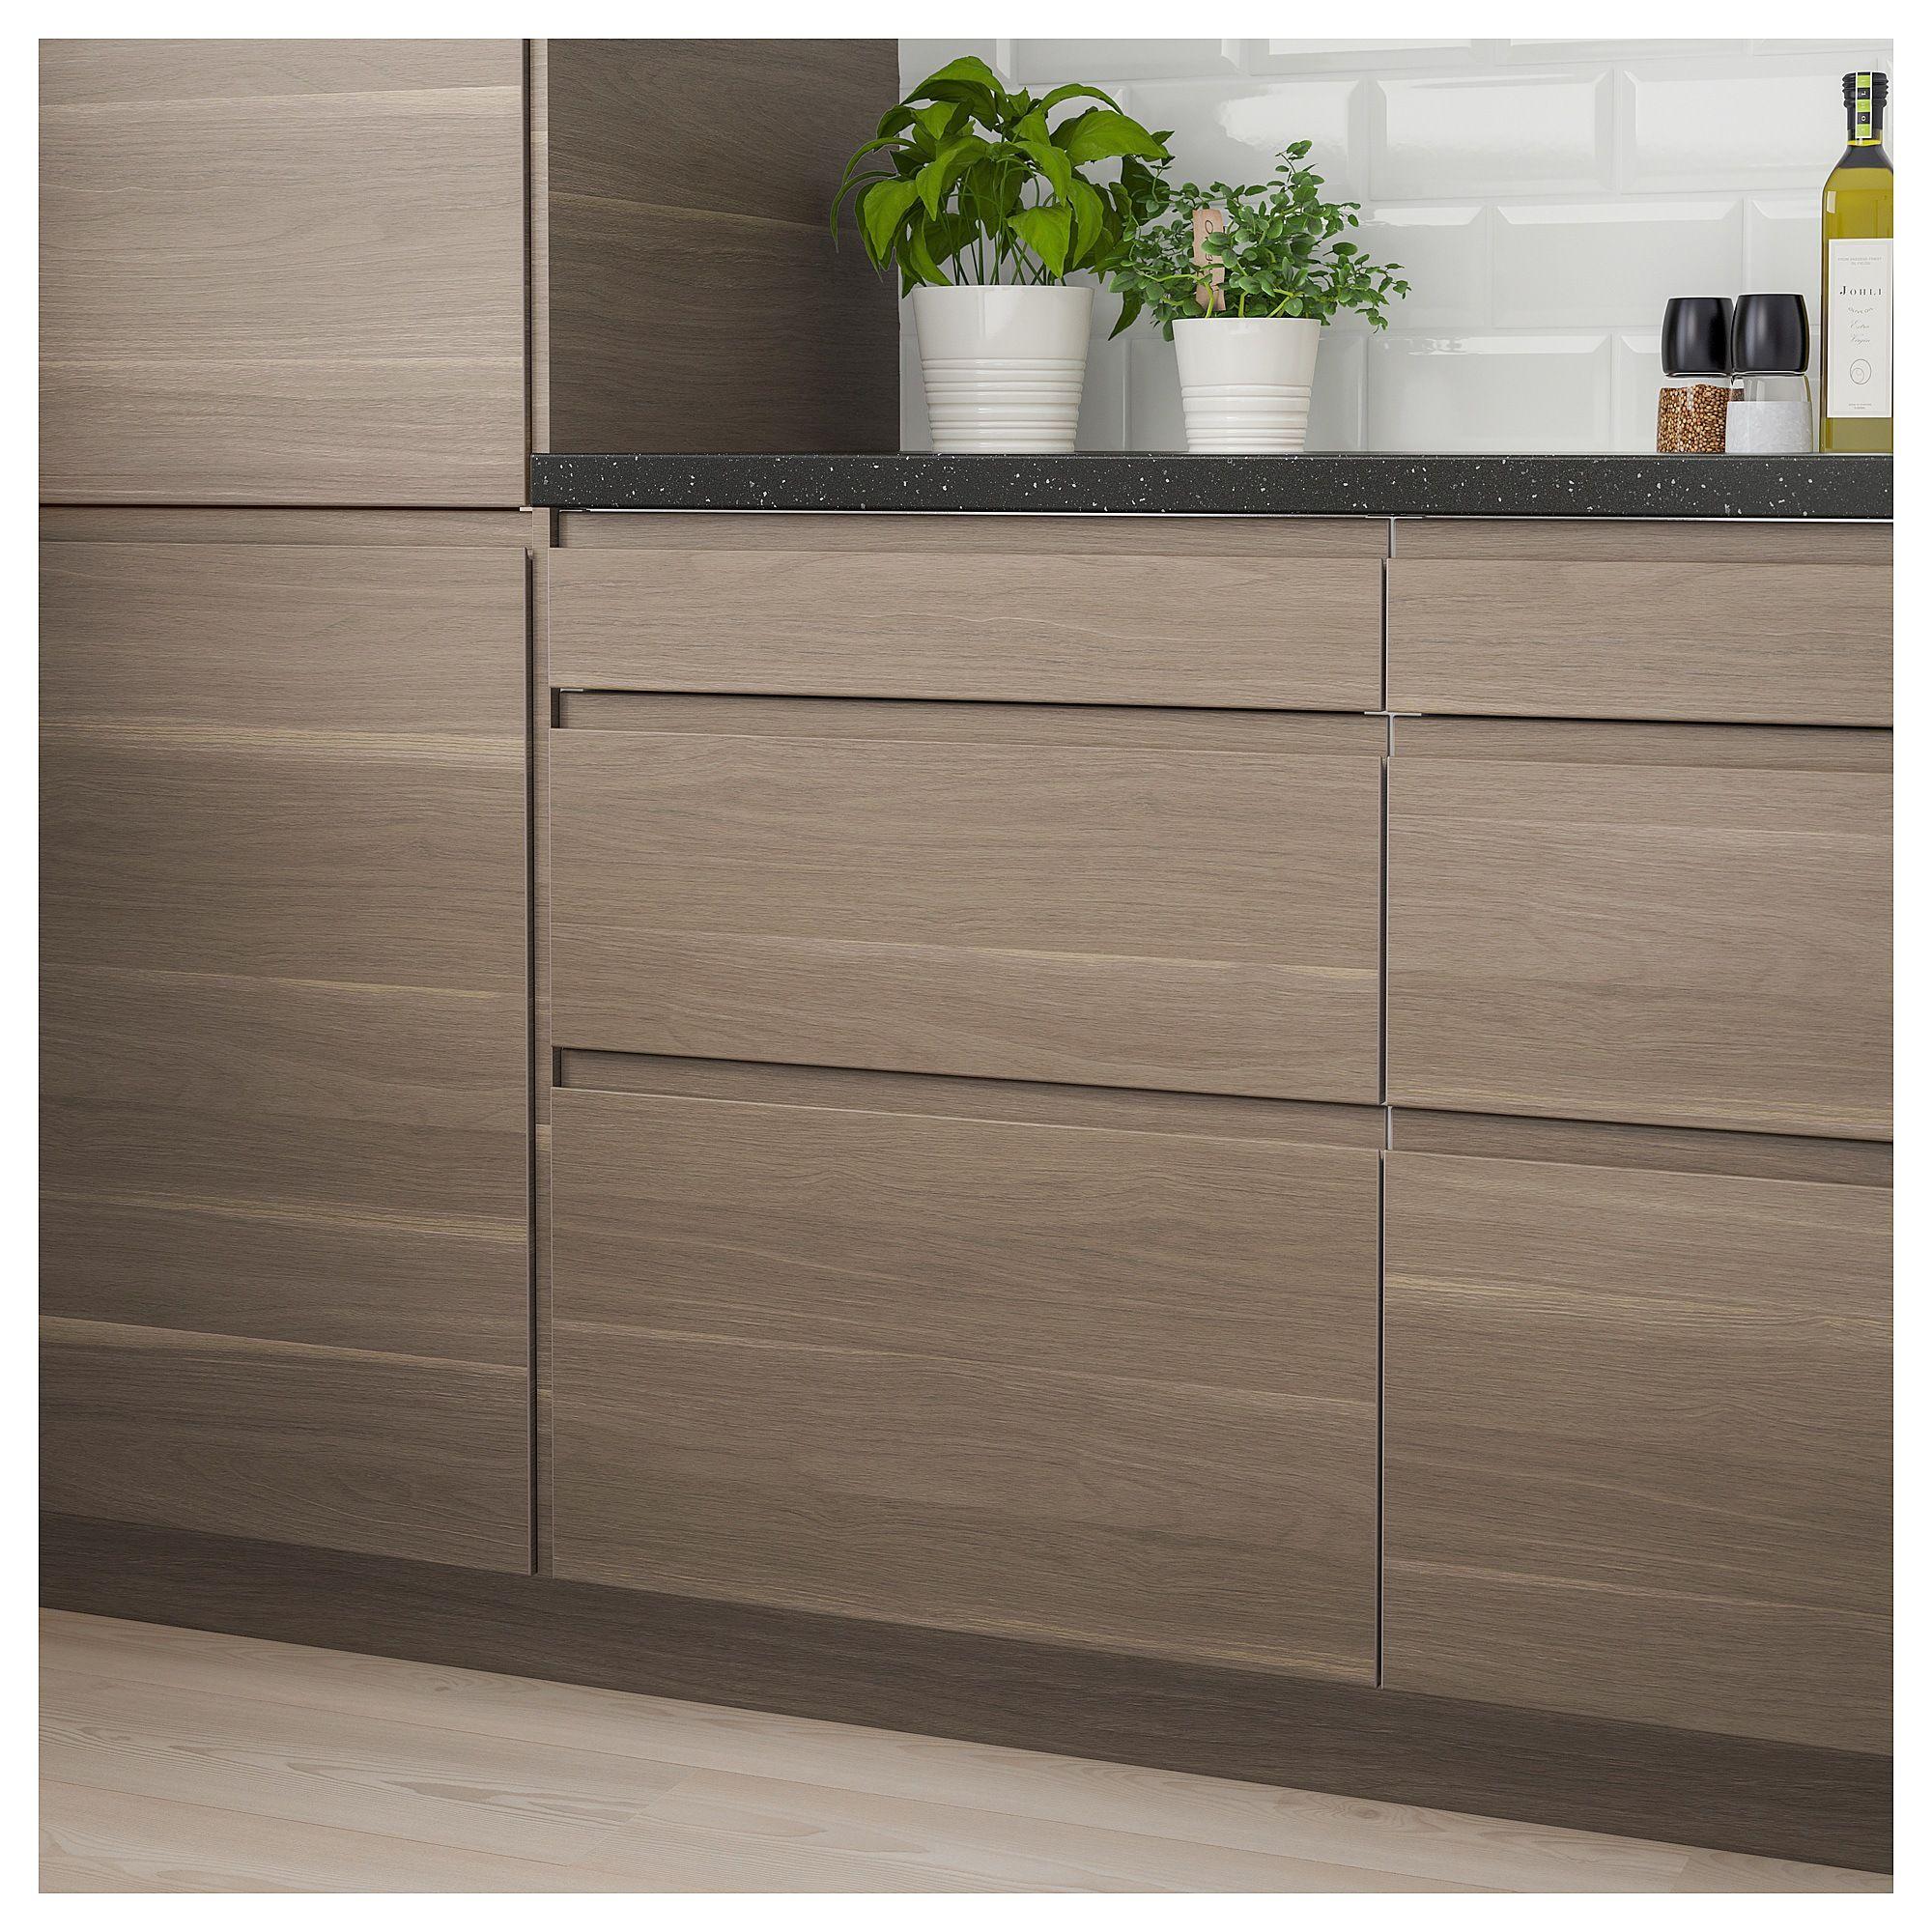 Ikea Kitchen Galley: IKEA - VOXTORP Drawer Front Walnut Effect